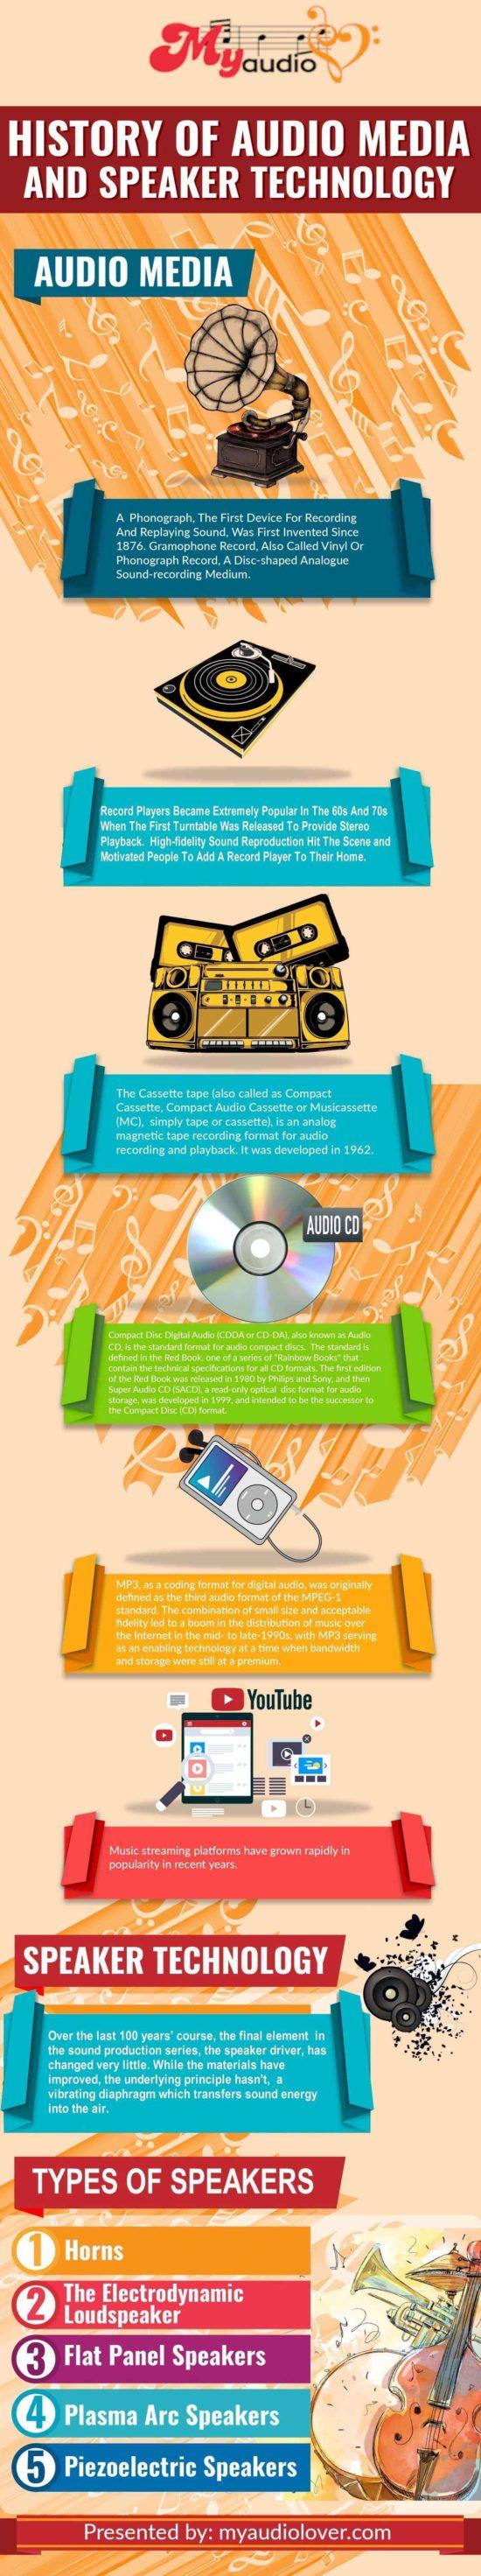 Jak se vyvíjely audio přehrávače?